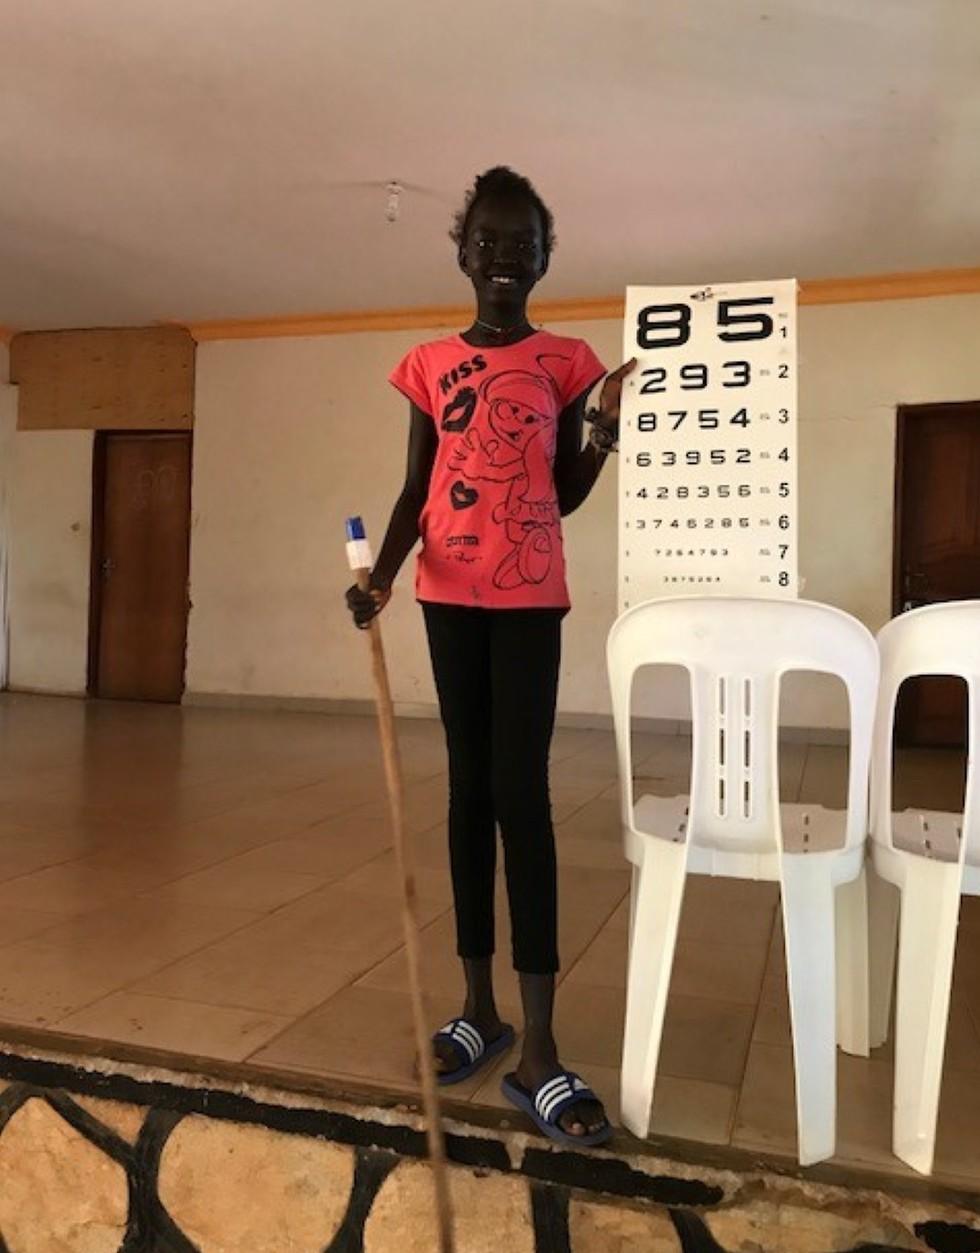 בדיקת ראייה ותקווה לעתיד טוב יותר (צילום: ארזה פרוכטר) (צילום: ארזה פרוכטר)